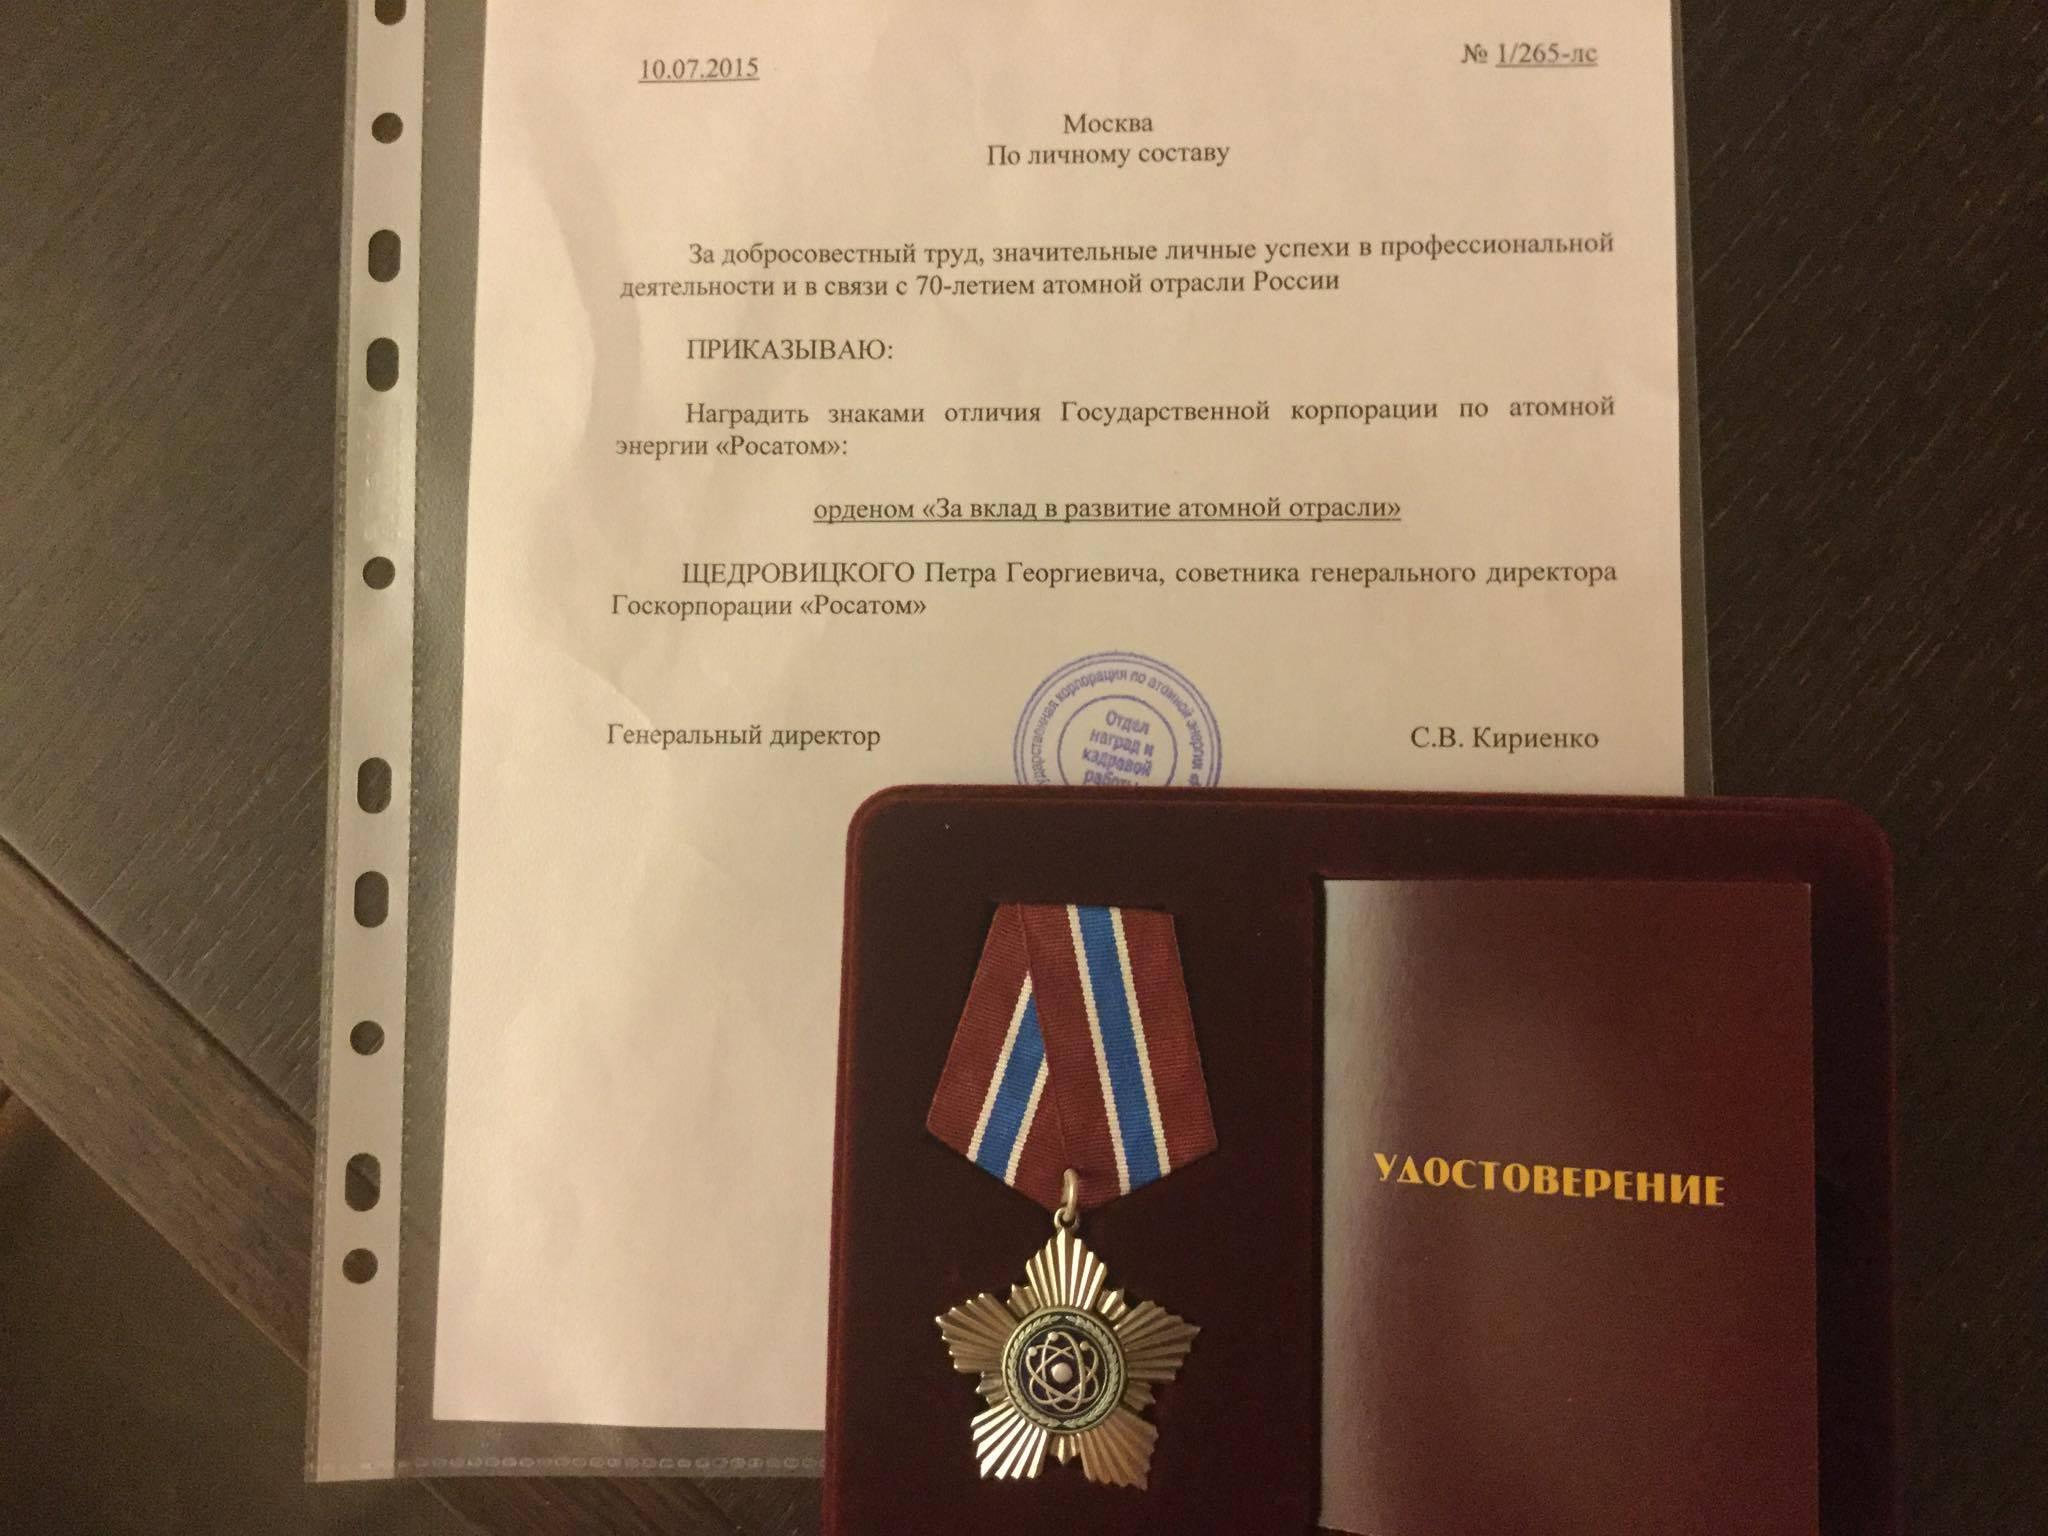 Награды Петра Щедровицкого - 2015 год